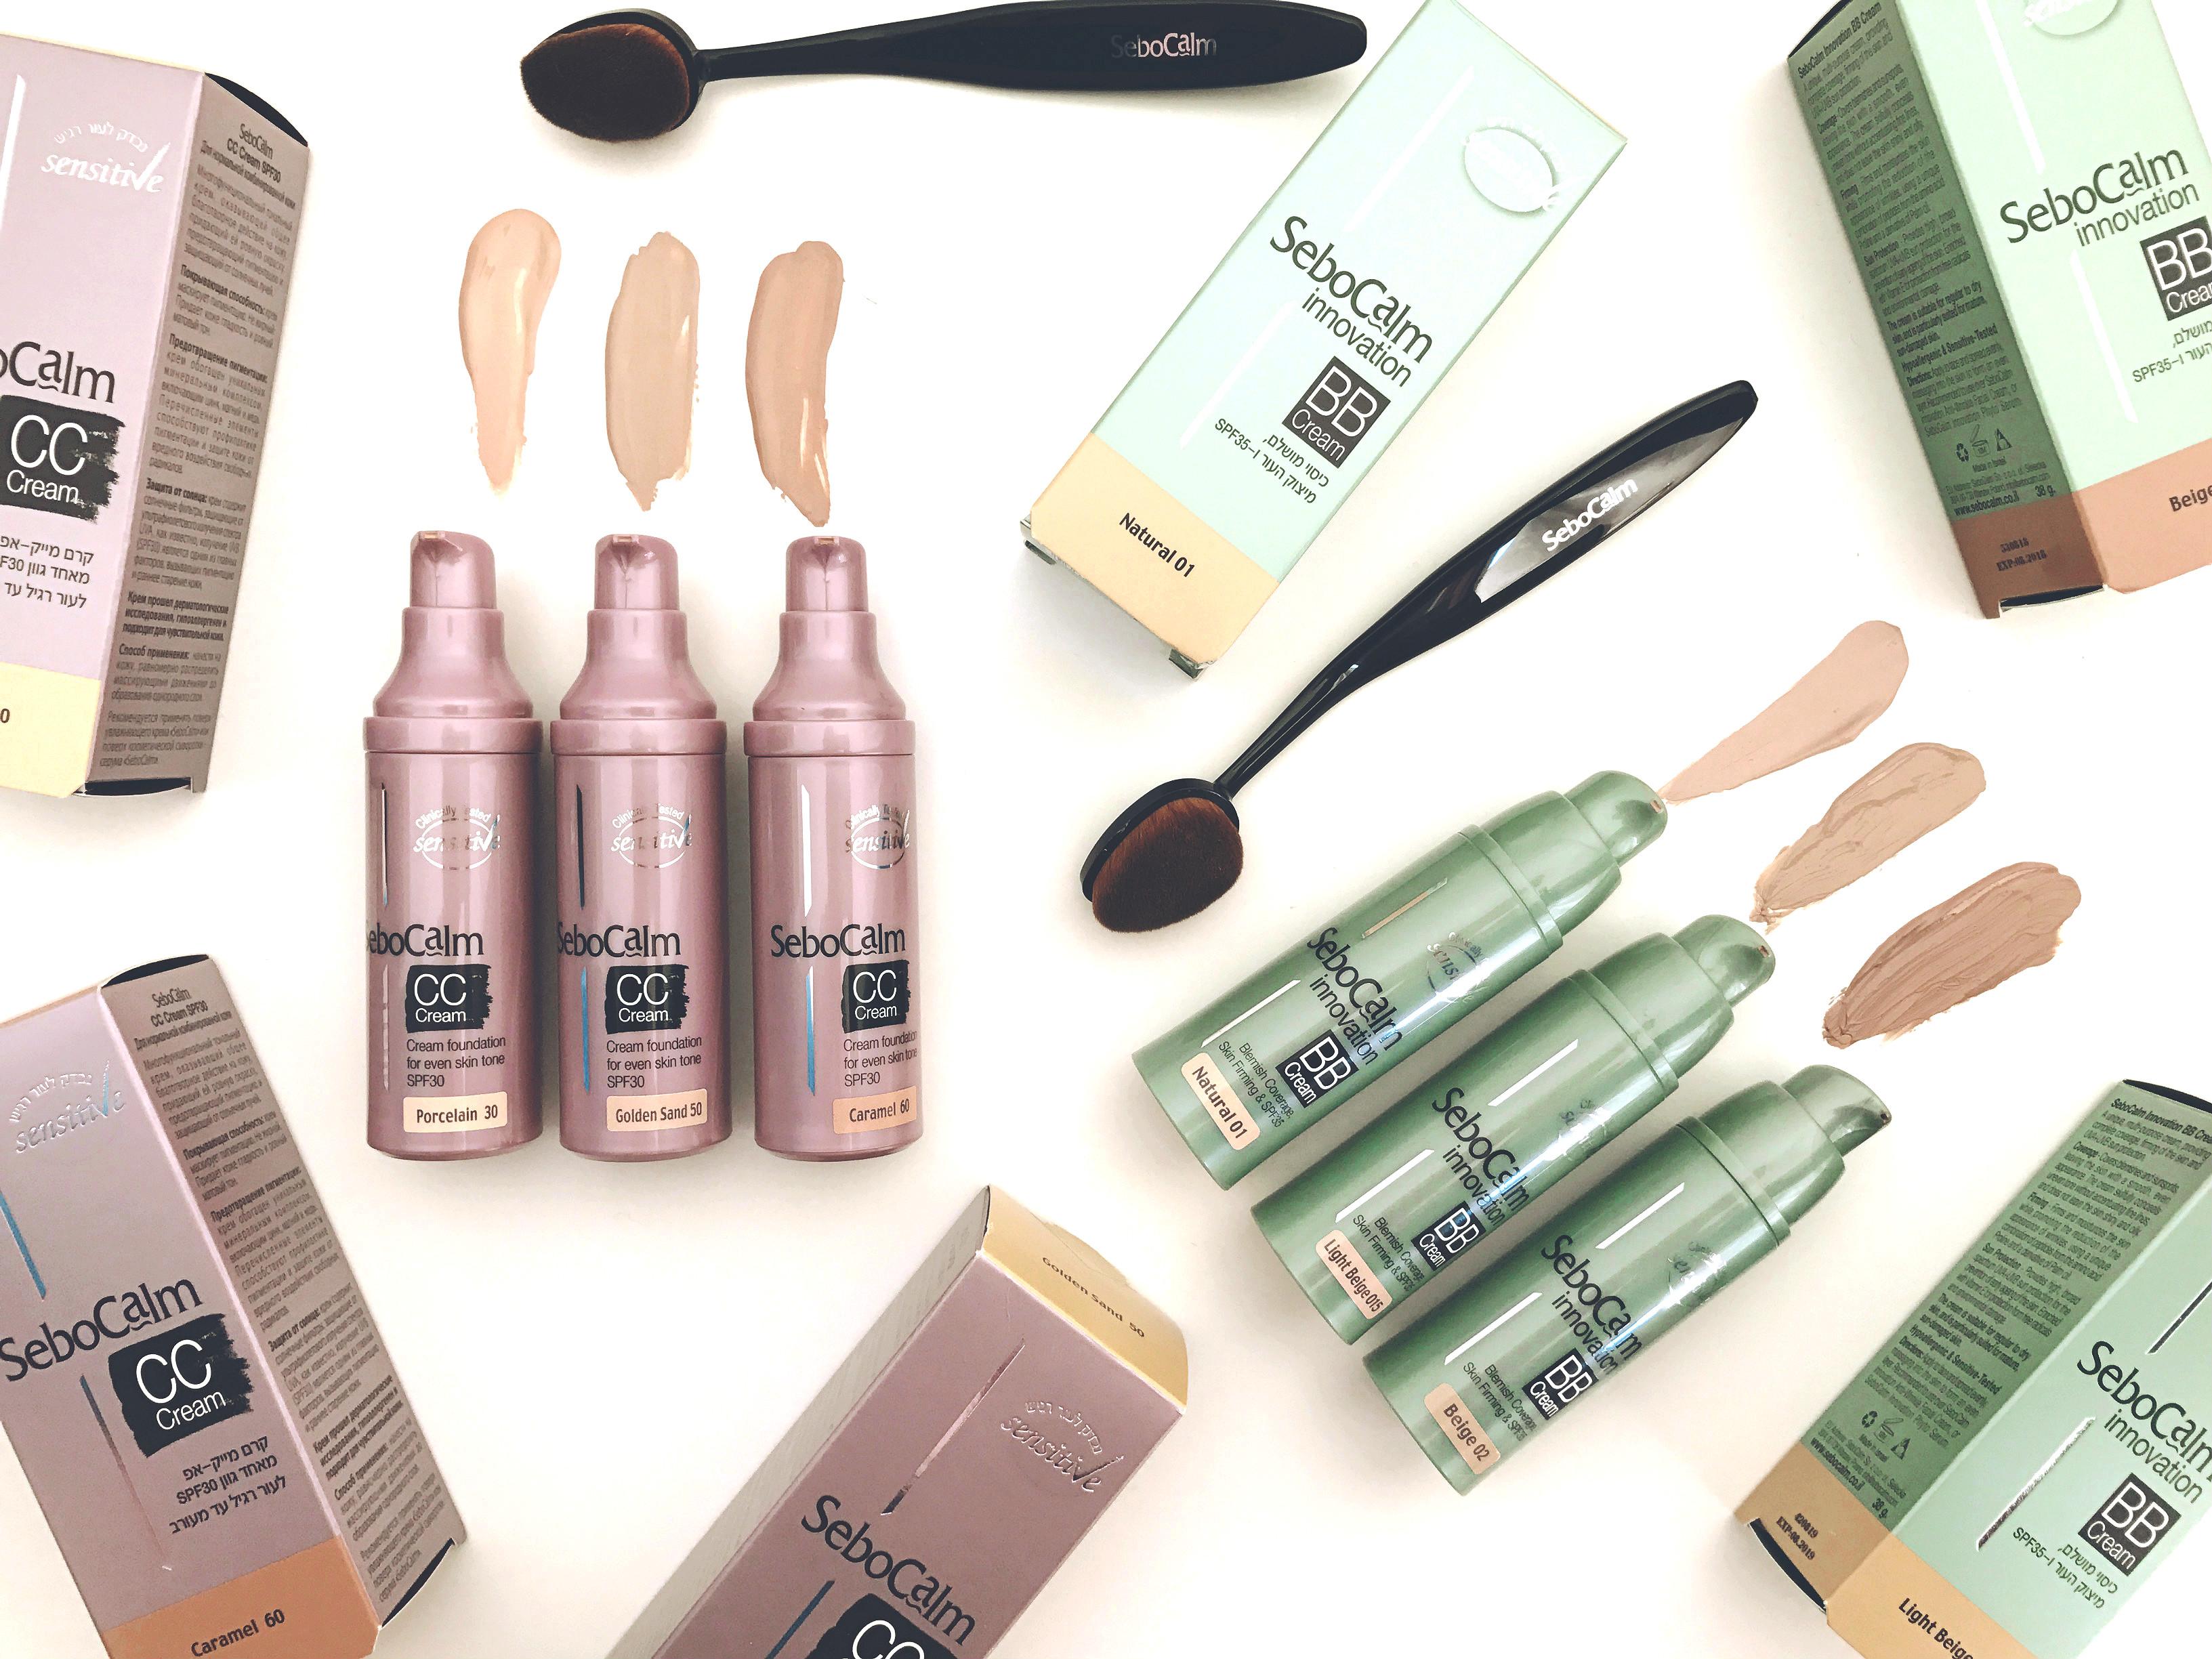 «Фотошоп в тюбике» – идеальный цвет лица этим летом, а так же защита от солнца: ВВ-крем -99 шекелей, СС-крем -89 шекелей, инновационная кисточка для макияжа -49 шекелей от SeboCalm!